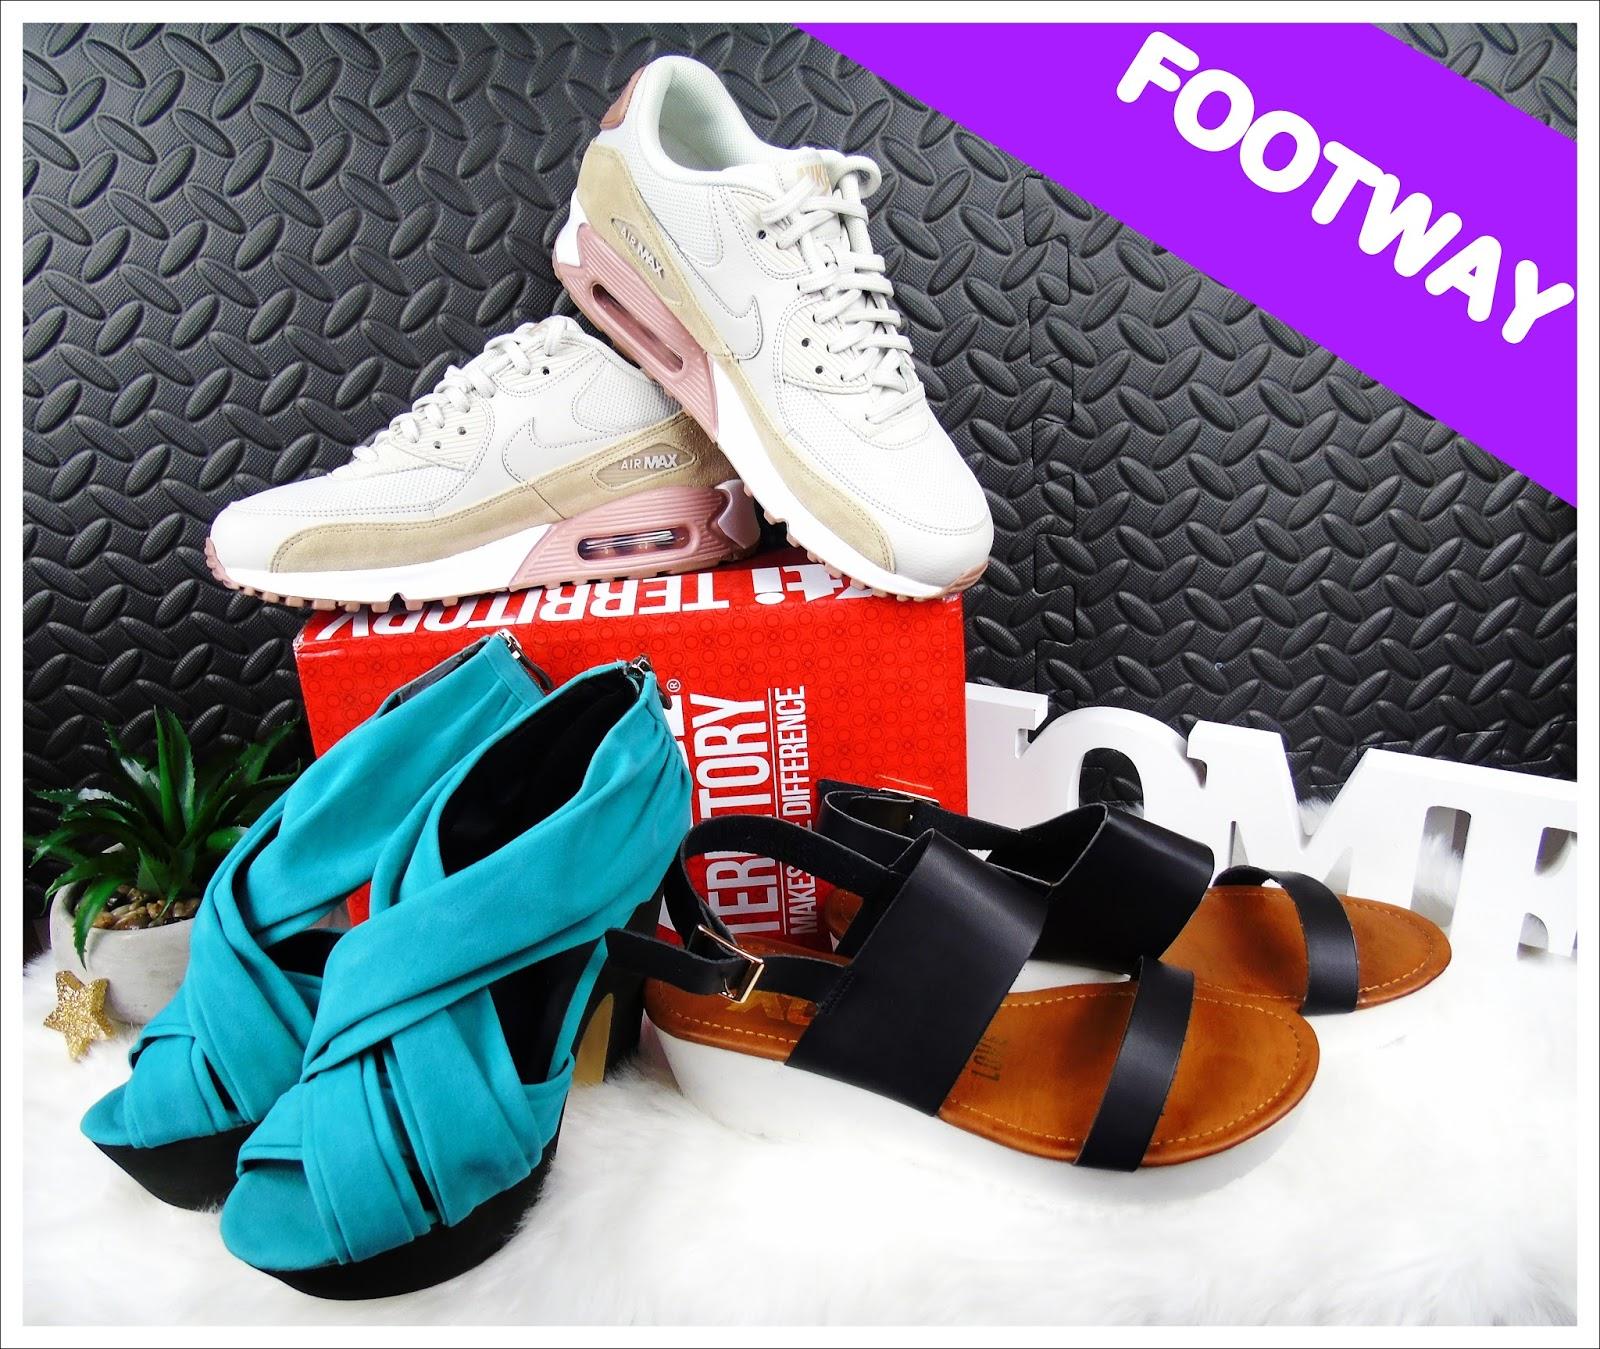 FOOTWAY - Setki marek obuwniczych skupione w jednym miejscu!